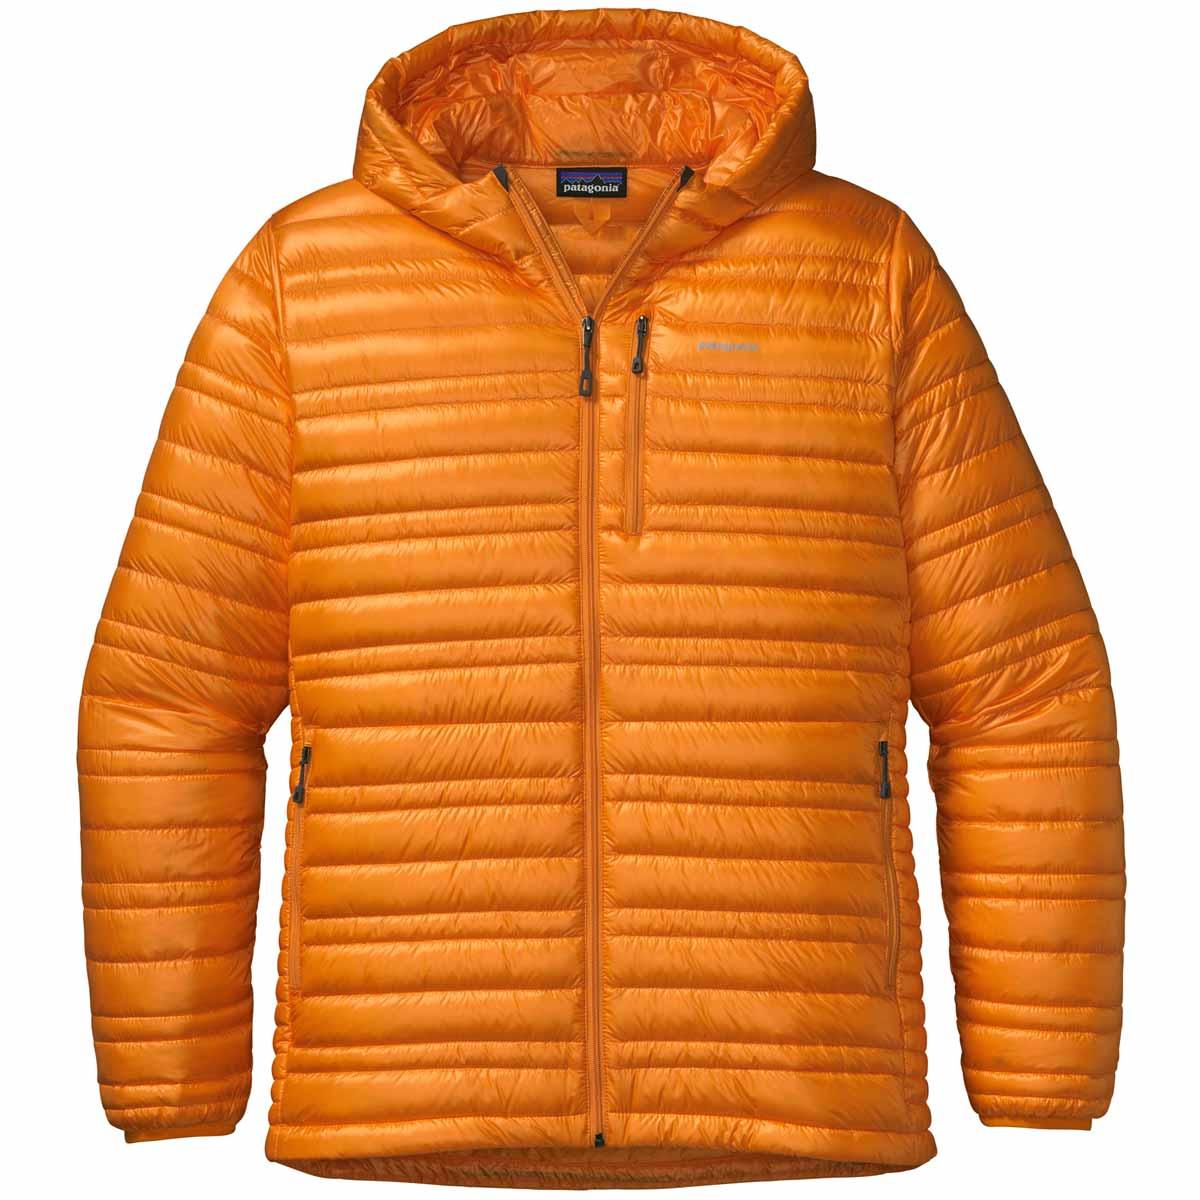 Patagonia Men's Ultralight Down Hoody Jacket on Sale ...